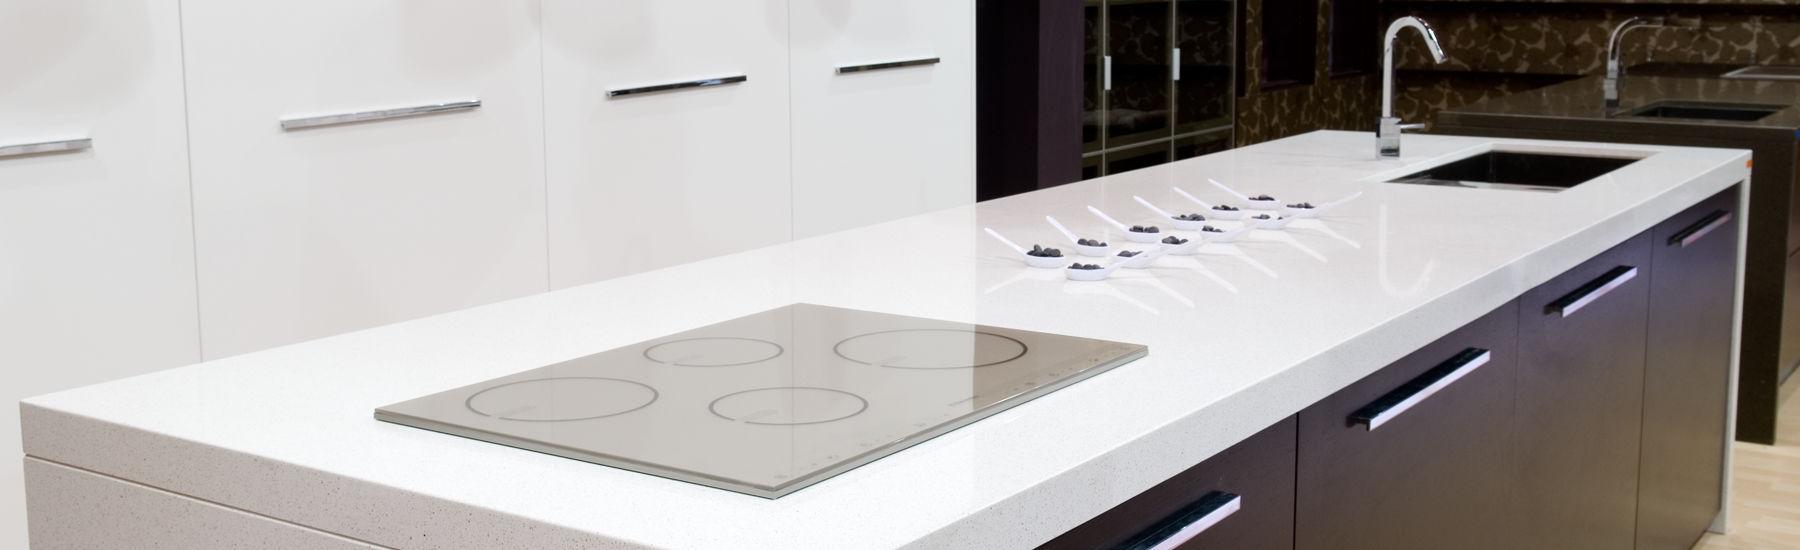 Piano di lavoro in quarzo composito / da cucina - SNOW - COMPAC The ...